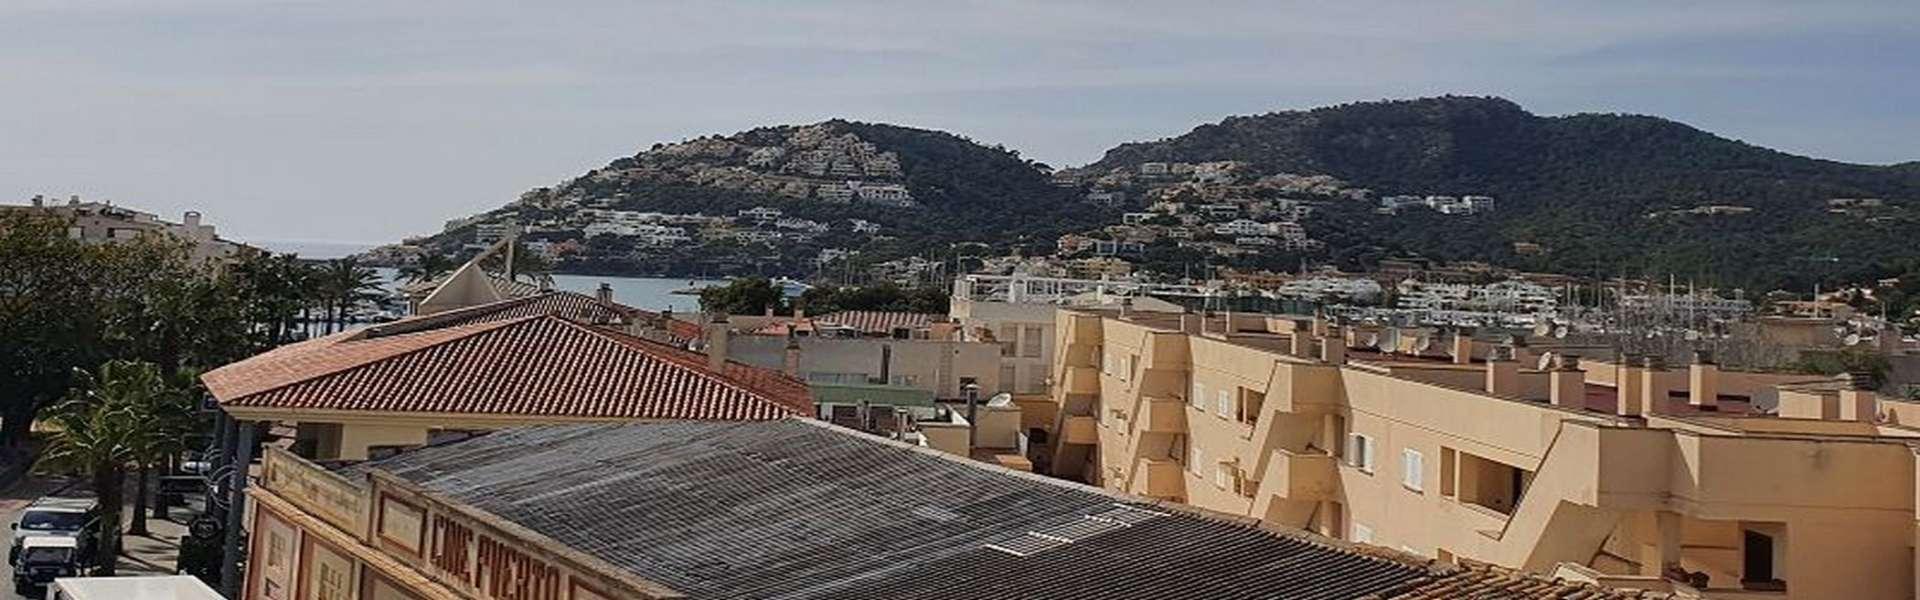 Port d'Andratx - Exklusives Penthouse zum Verkauf